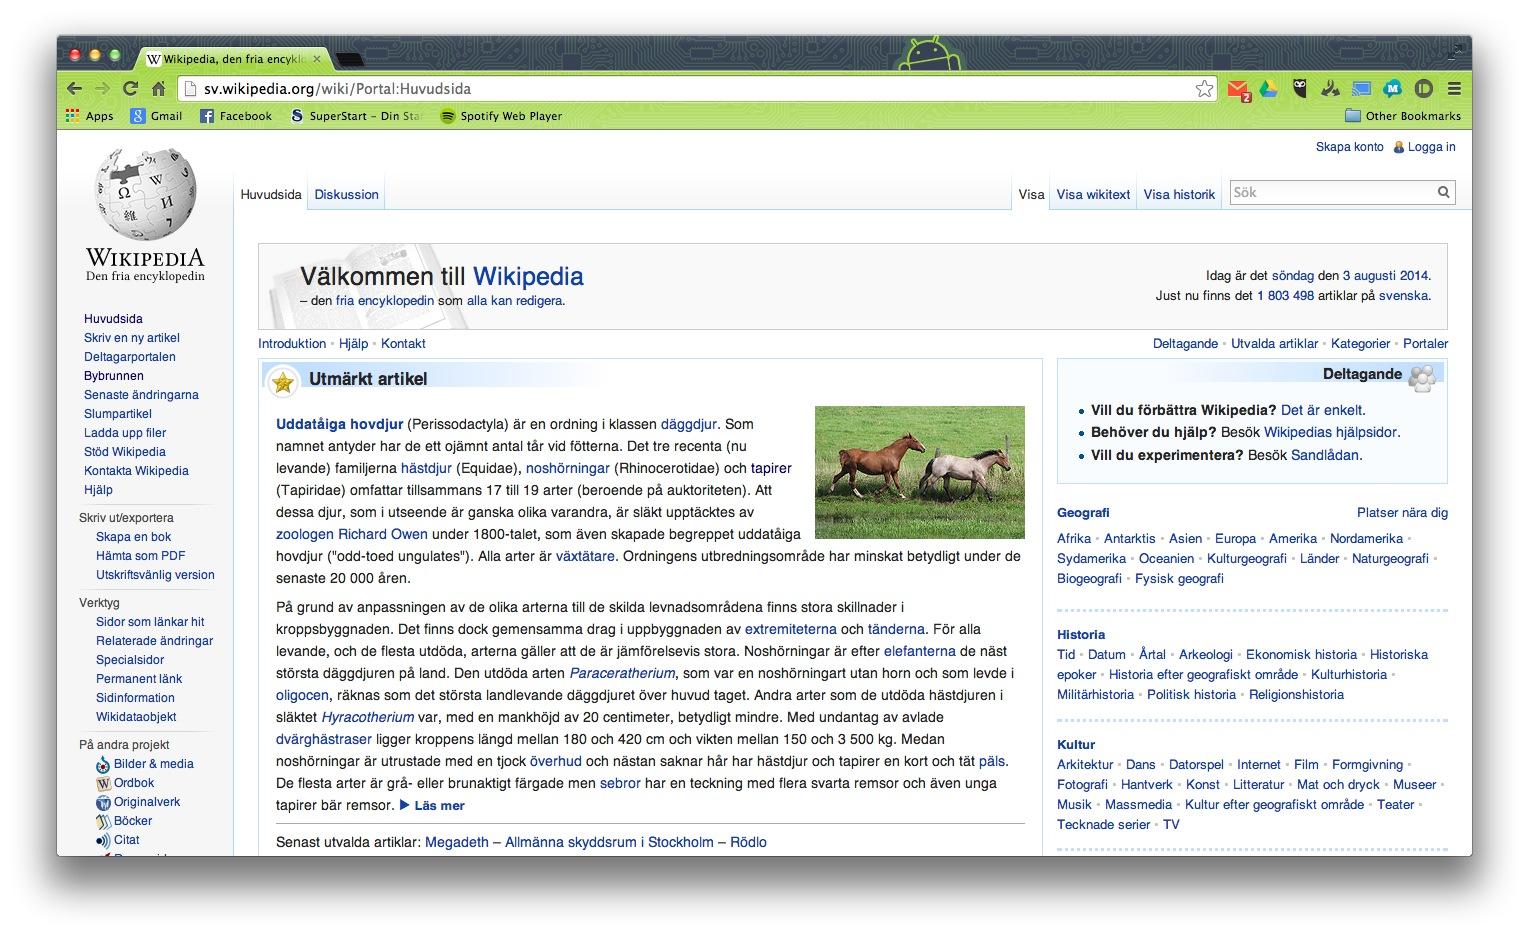 Vi dejtar nu wikipedia gratis online dating webbplatser i Los Angeles